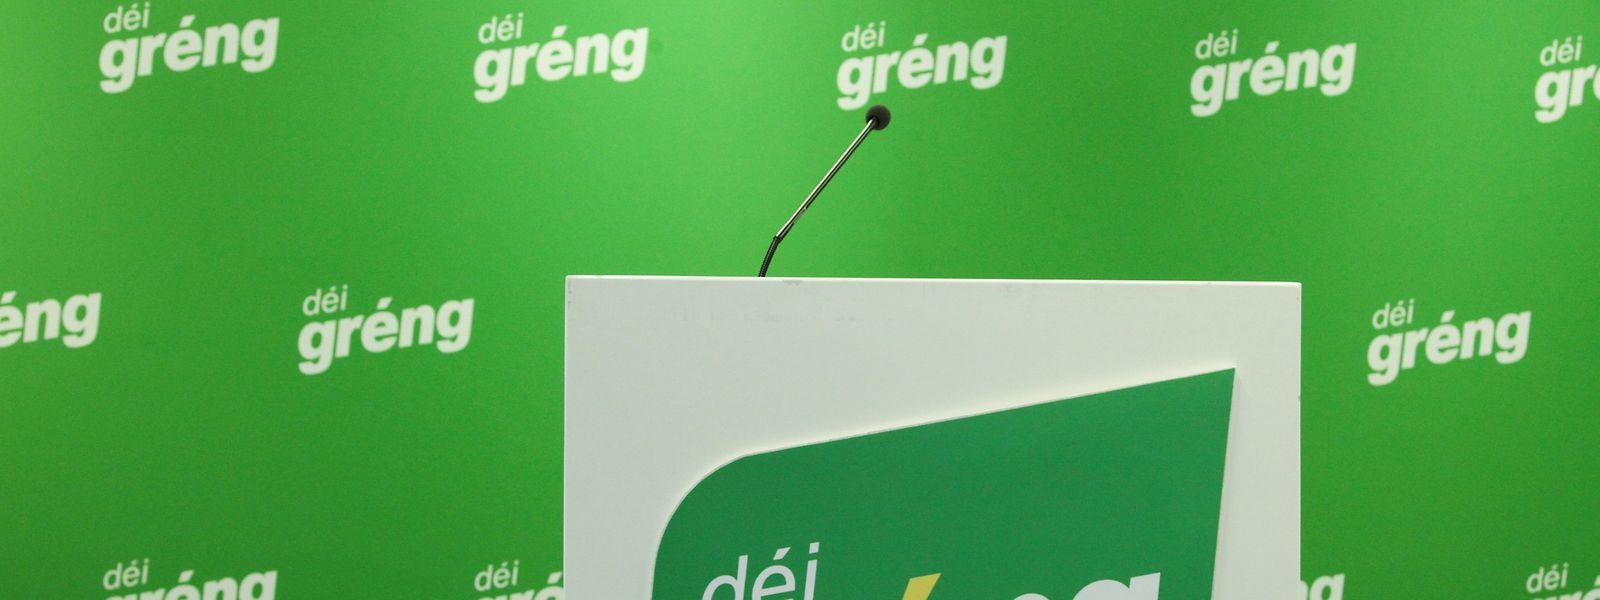 Déi Gréng durchleben wenige Monate vor den Wahlen eine turbulente Zeit.